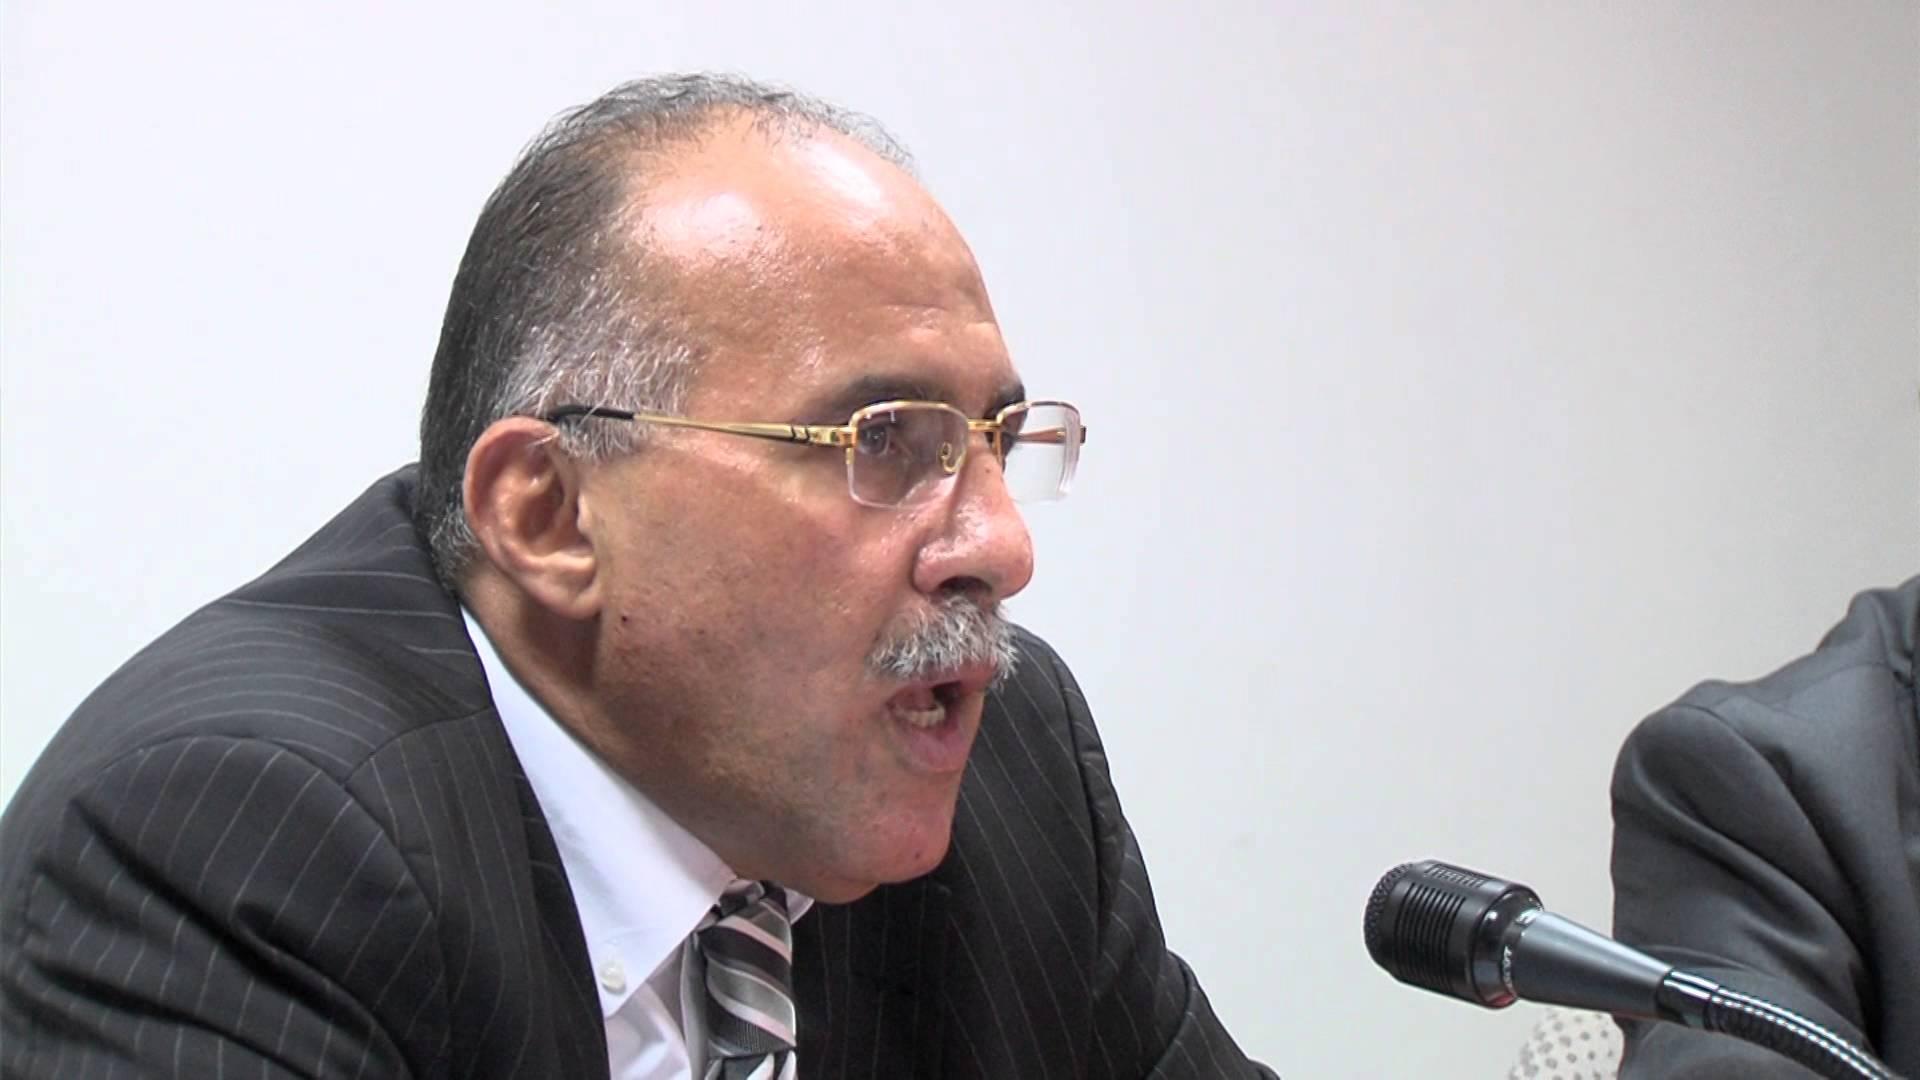 عبد المولى: توجد جهات تعارض التوجهات الملكية بخصوص تطوير القطاع  التعاضدي وتحاول أن تضعفه بجميع الأليات